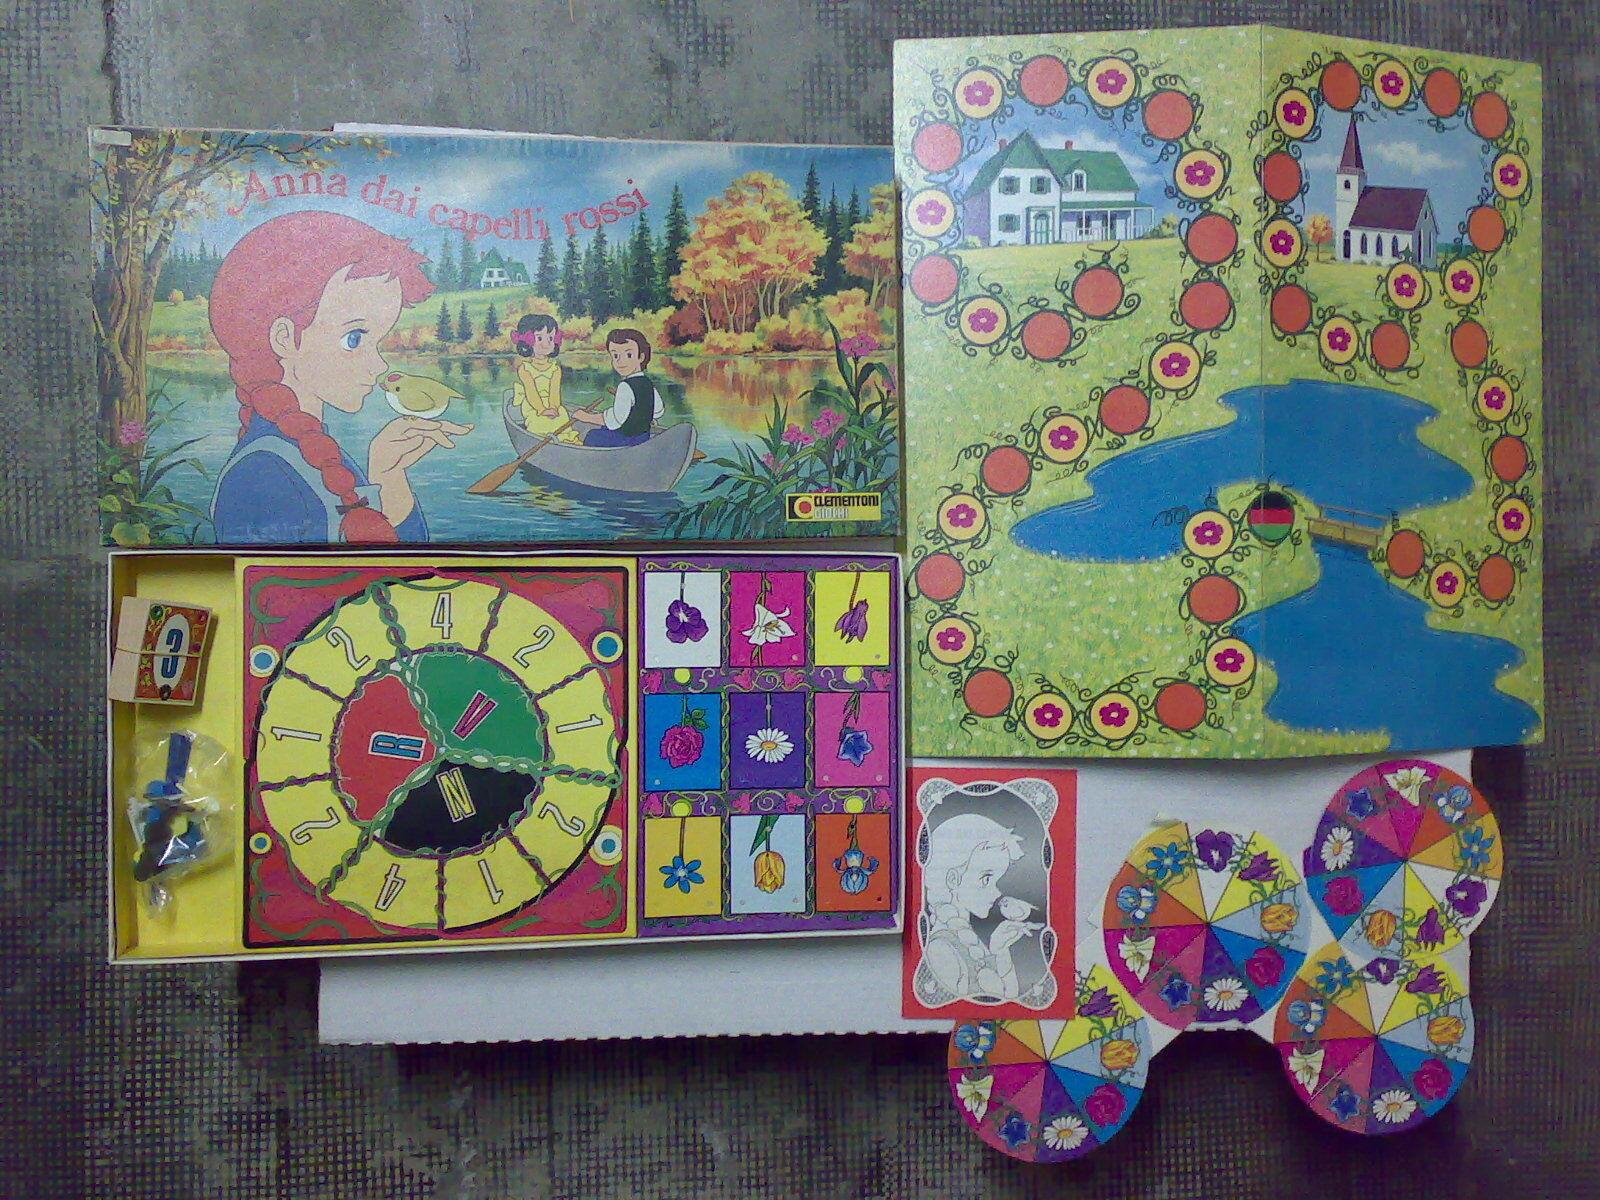 ANNA DAI CAPELLI ROSSI Clementoni MIB anni '80 赤毛のアン Gioco tavolo boardgame